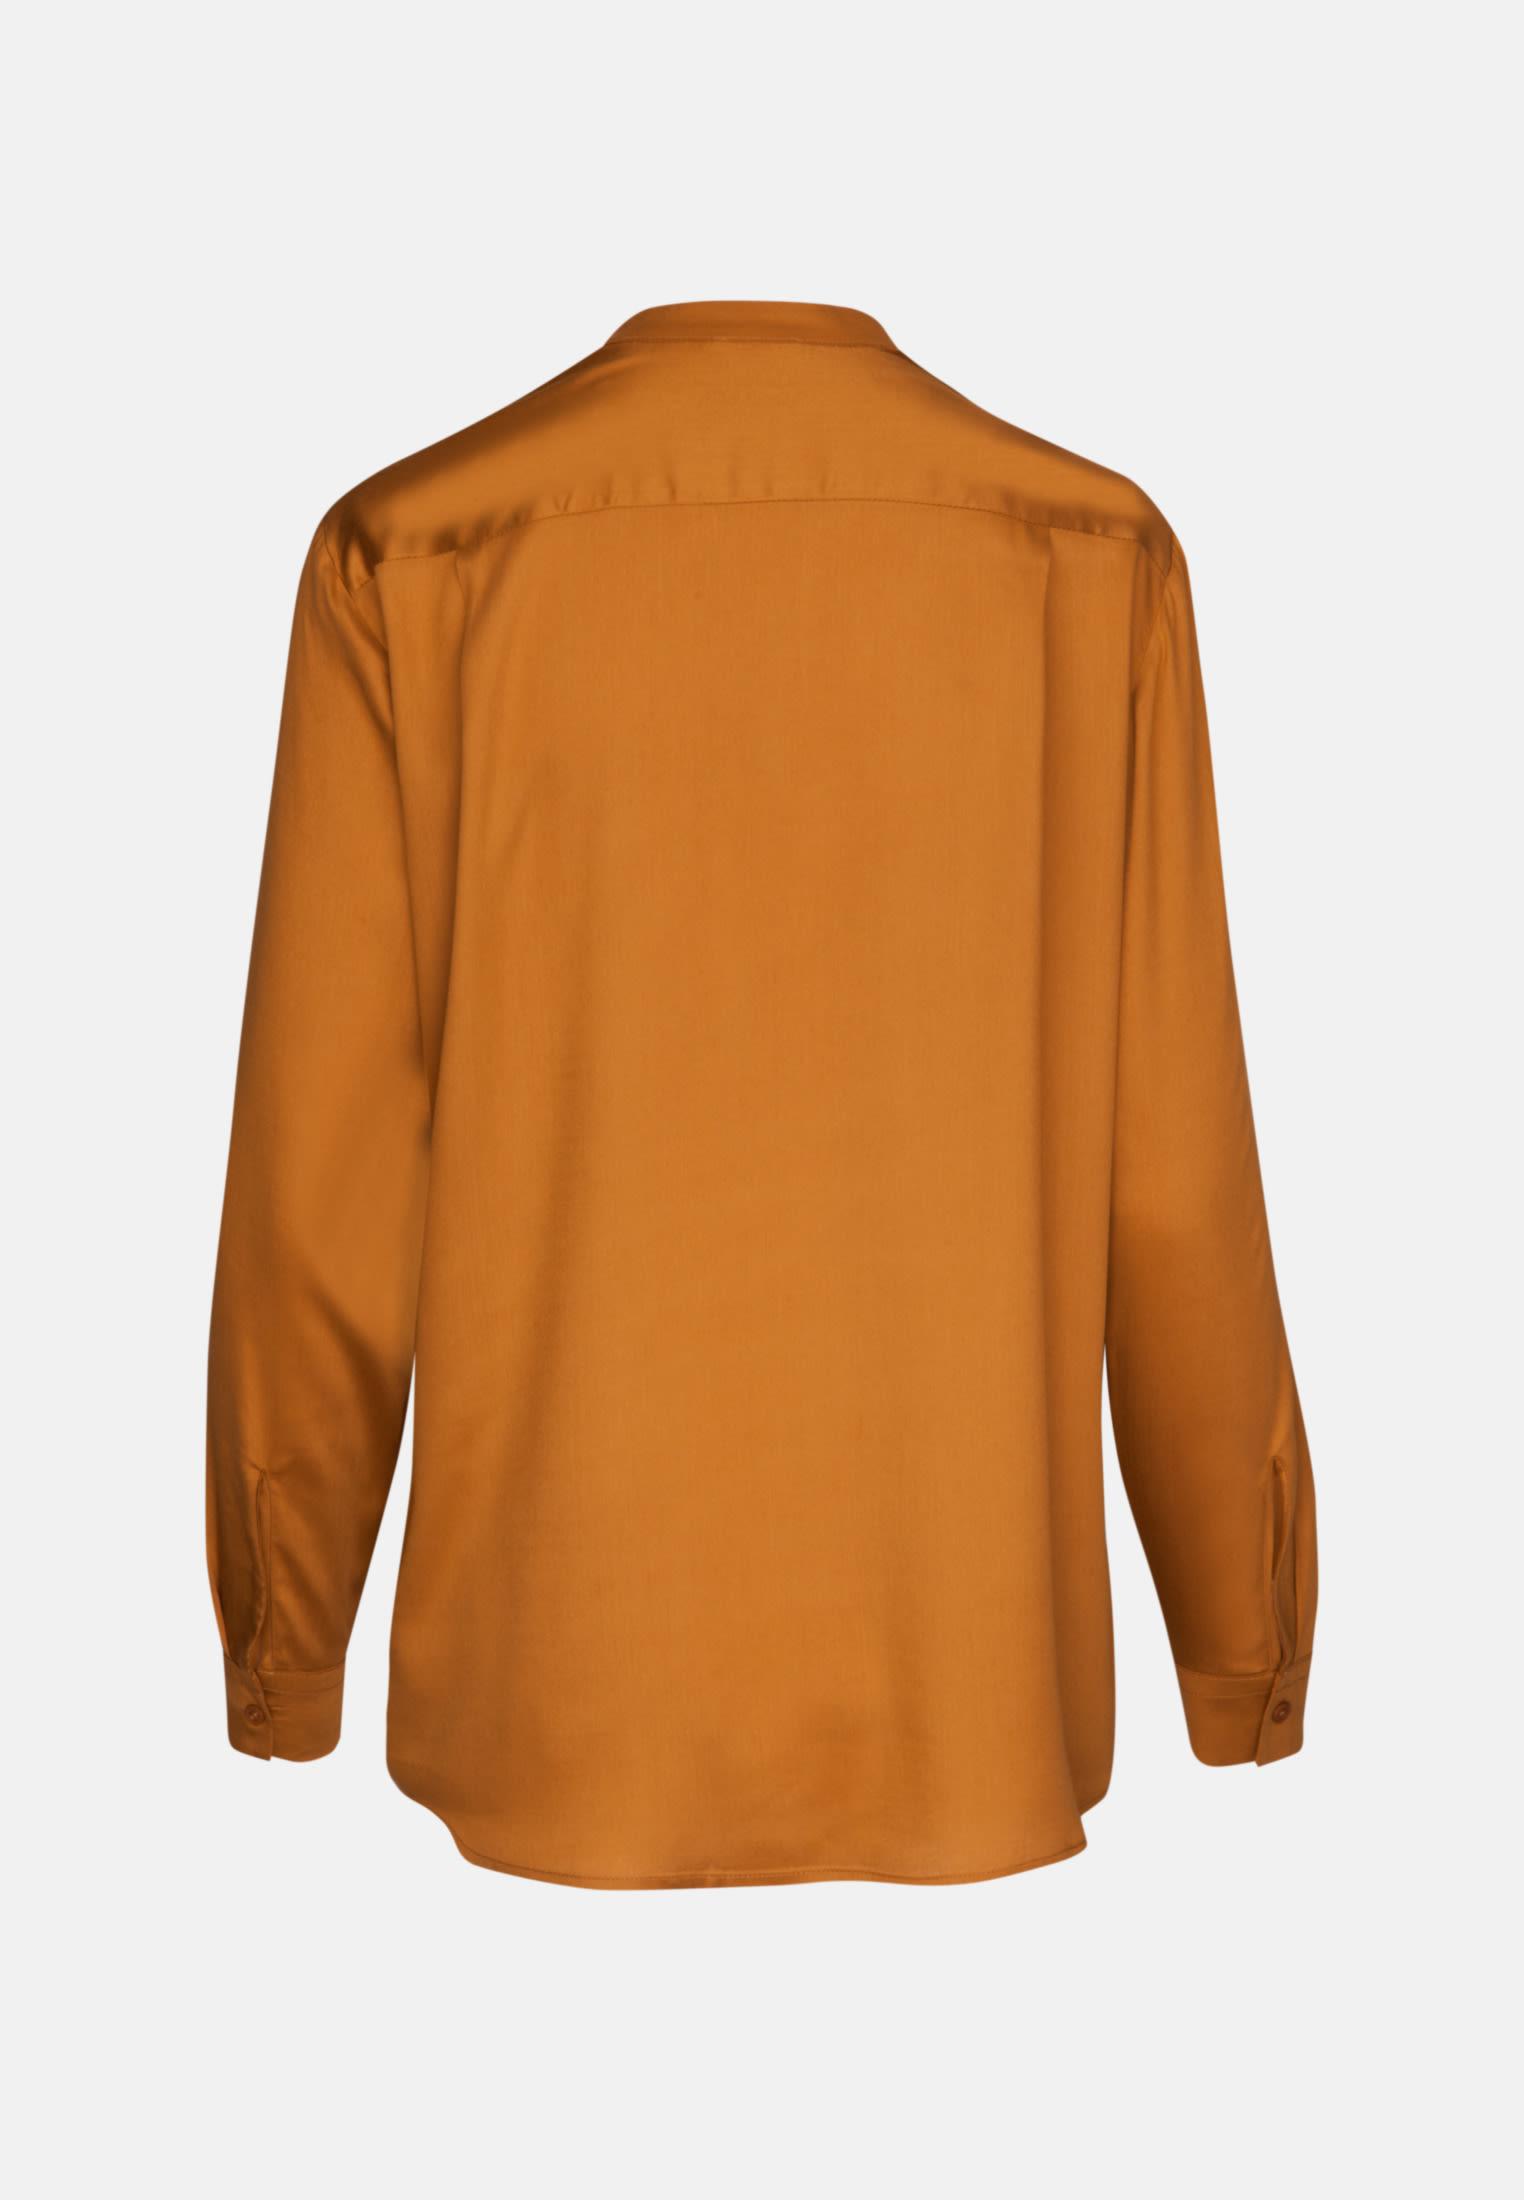 Satin Schlupfbluse aus 100% Viskose in Orange |  Seidensticker Onlineshop